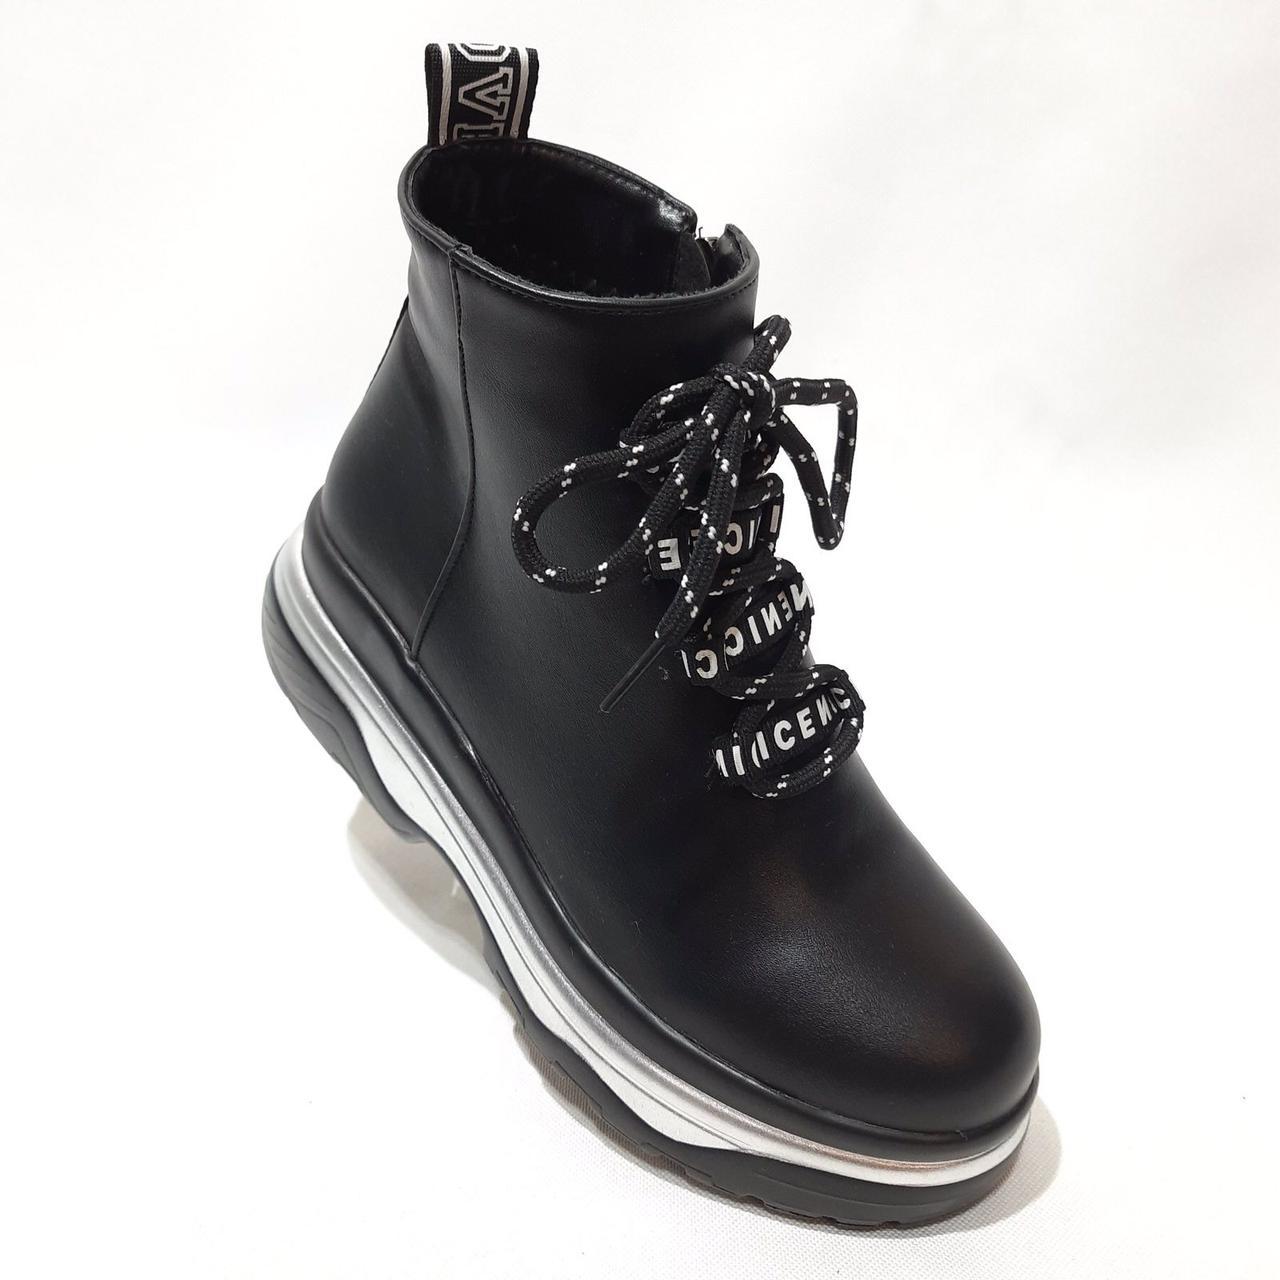 40 р. Женские ботинки весенние эко-кожа Черный Последняя пара